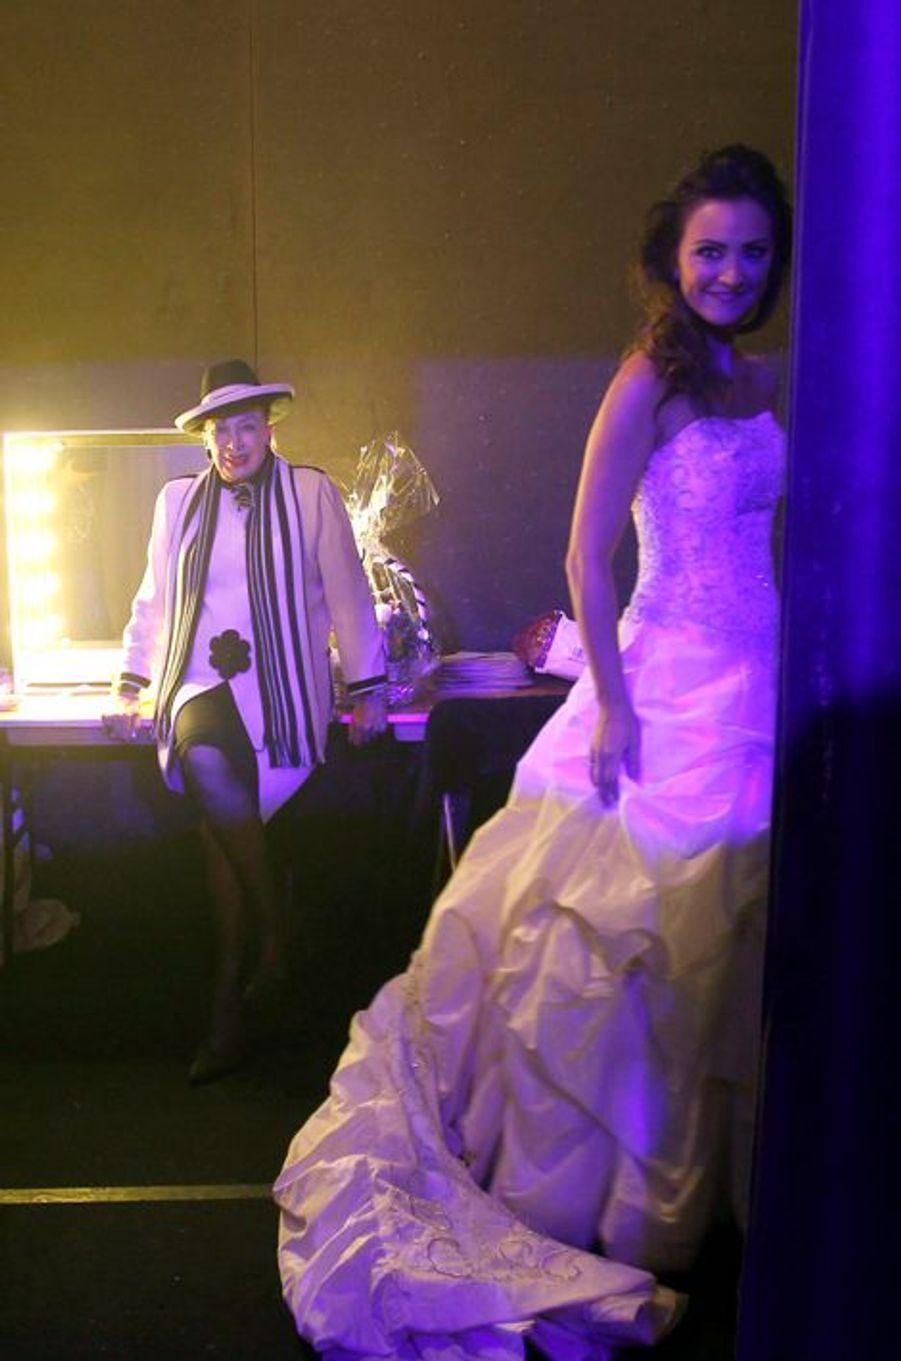 Geneviève de Fontenay et Cyrielle Roidot, Miss Paris 2007, à Rungis le 21 octobre 2014